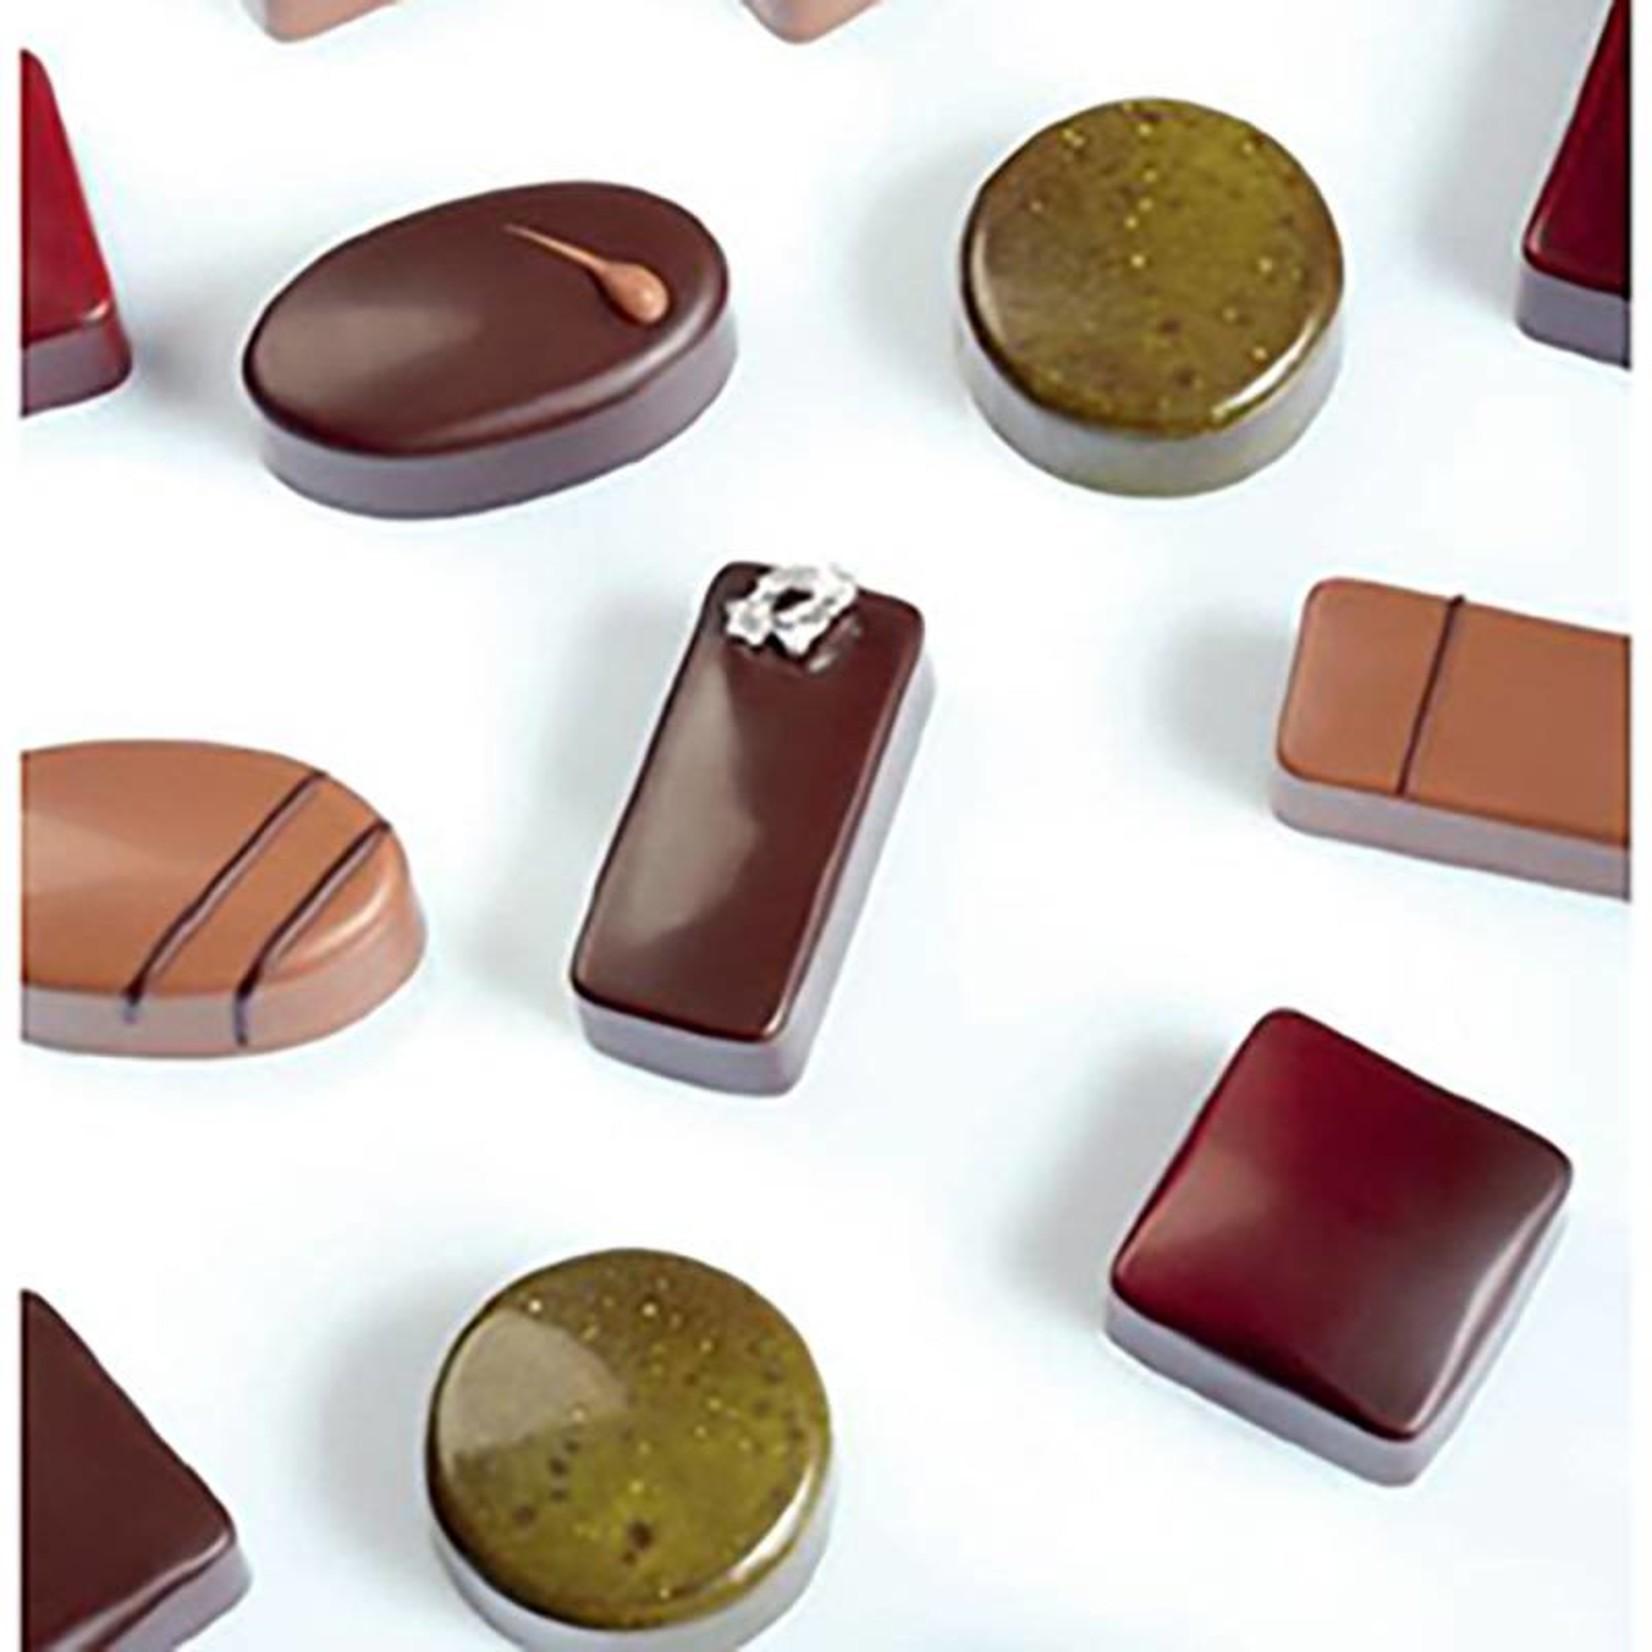 Pavoni Pavoni - Artisanal Polycarbonate Chocolate Mold, Oval - Smooth, PC115